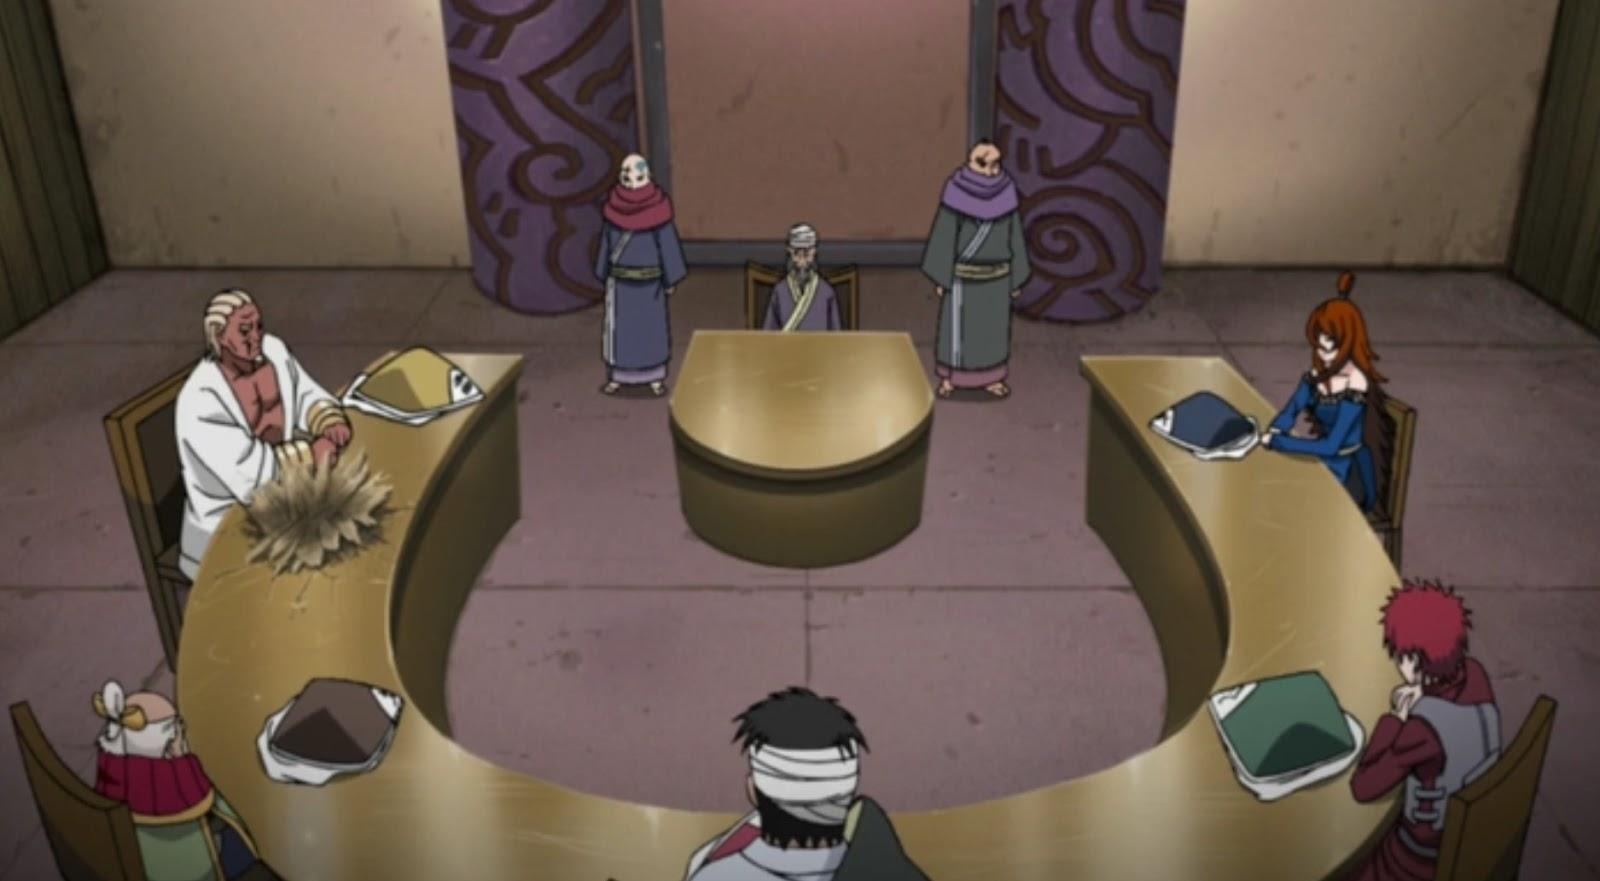 Naruto Shippuden Episódio 200, Assistir Naruto Shippuden Episódio 200, Assistir Naruto Shippuden Todos os Episódios Legendado, Naruto Shippuden episódio 200,HD